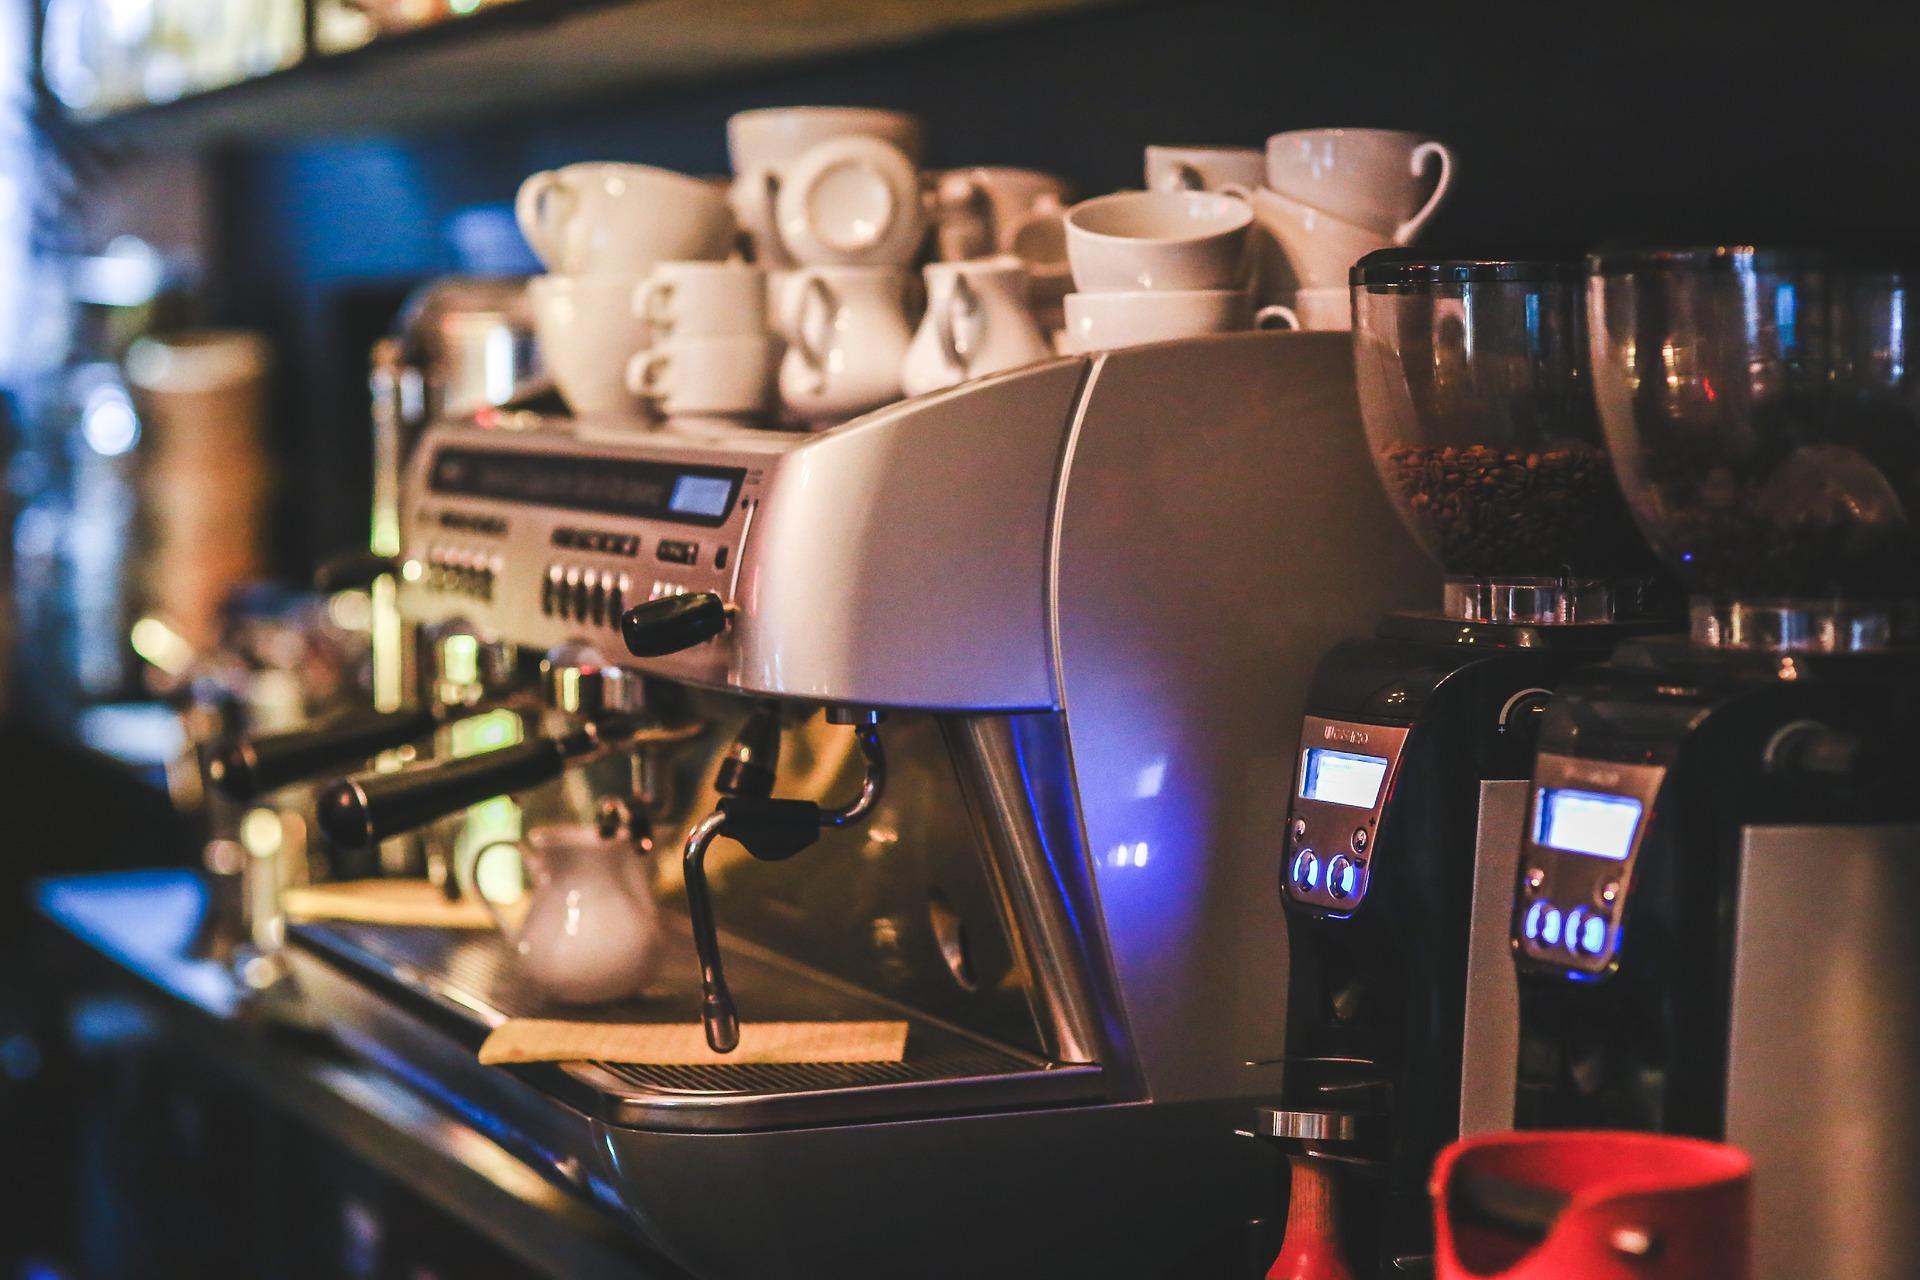 เครื่องชงกาแฟ Delonghi